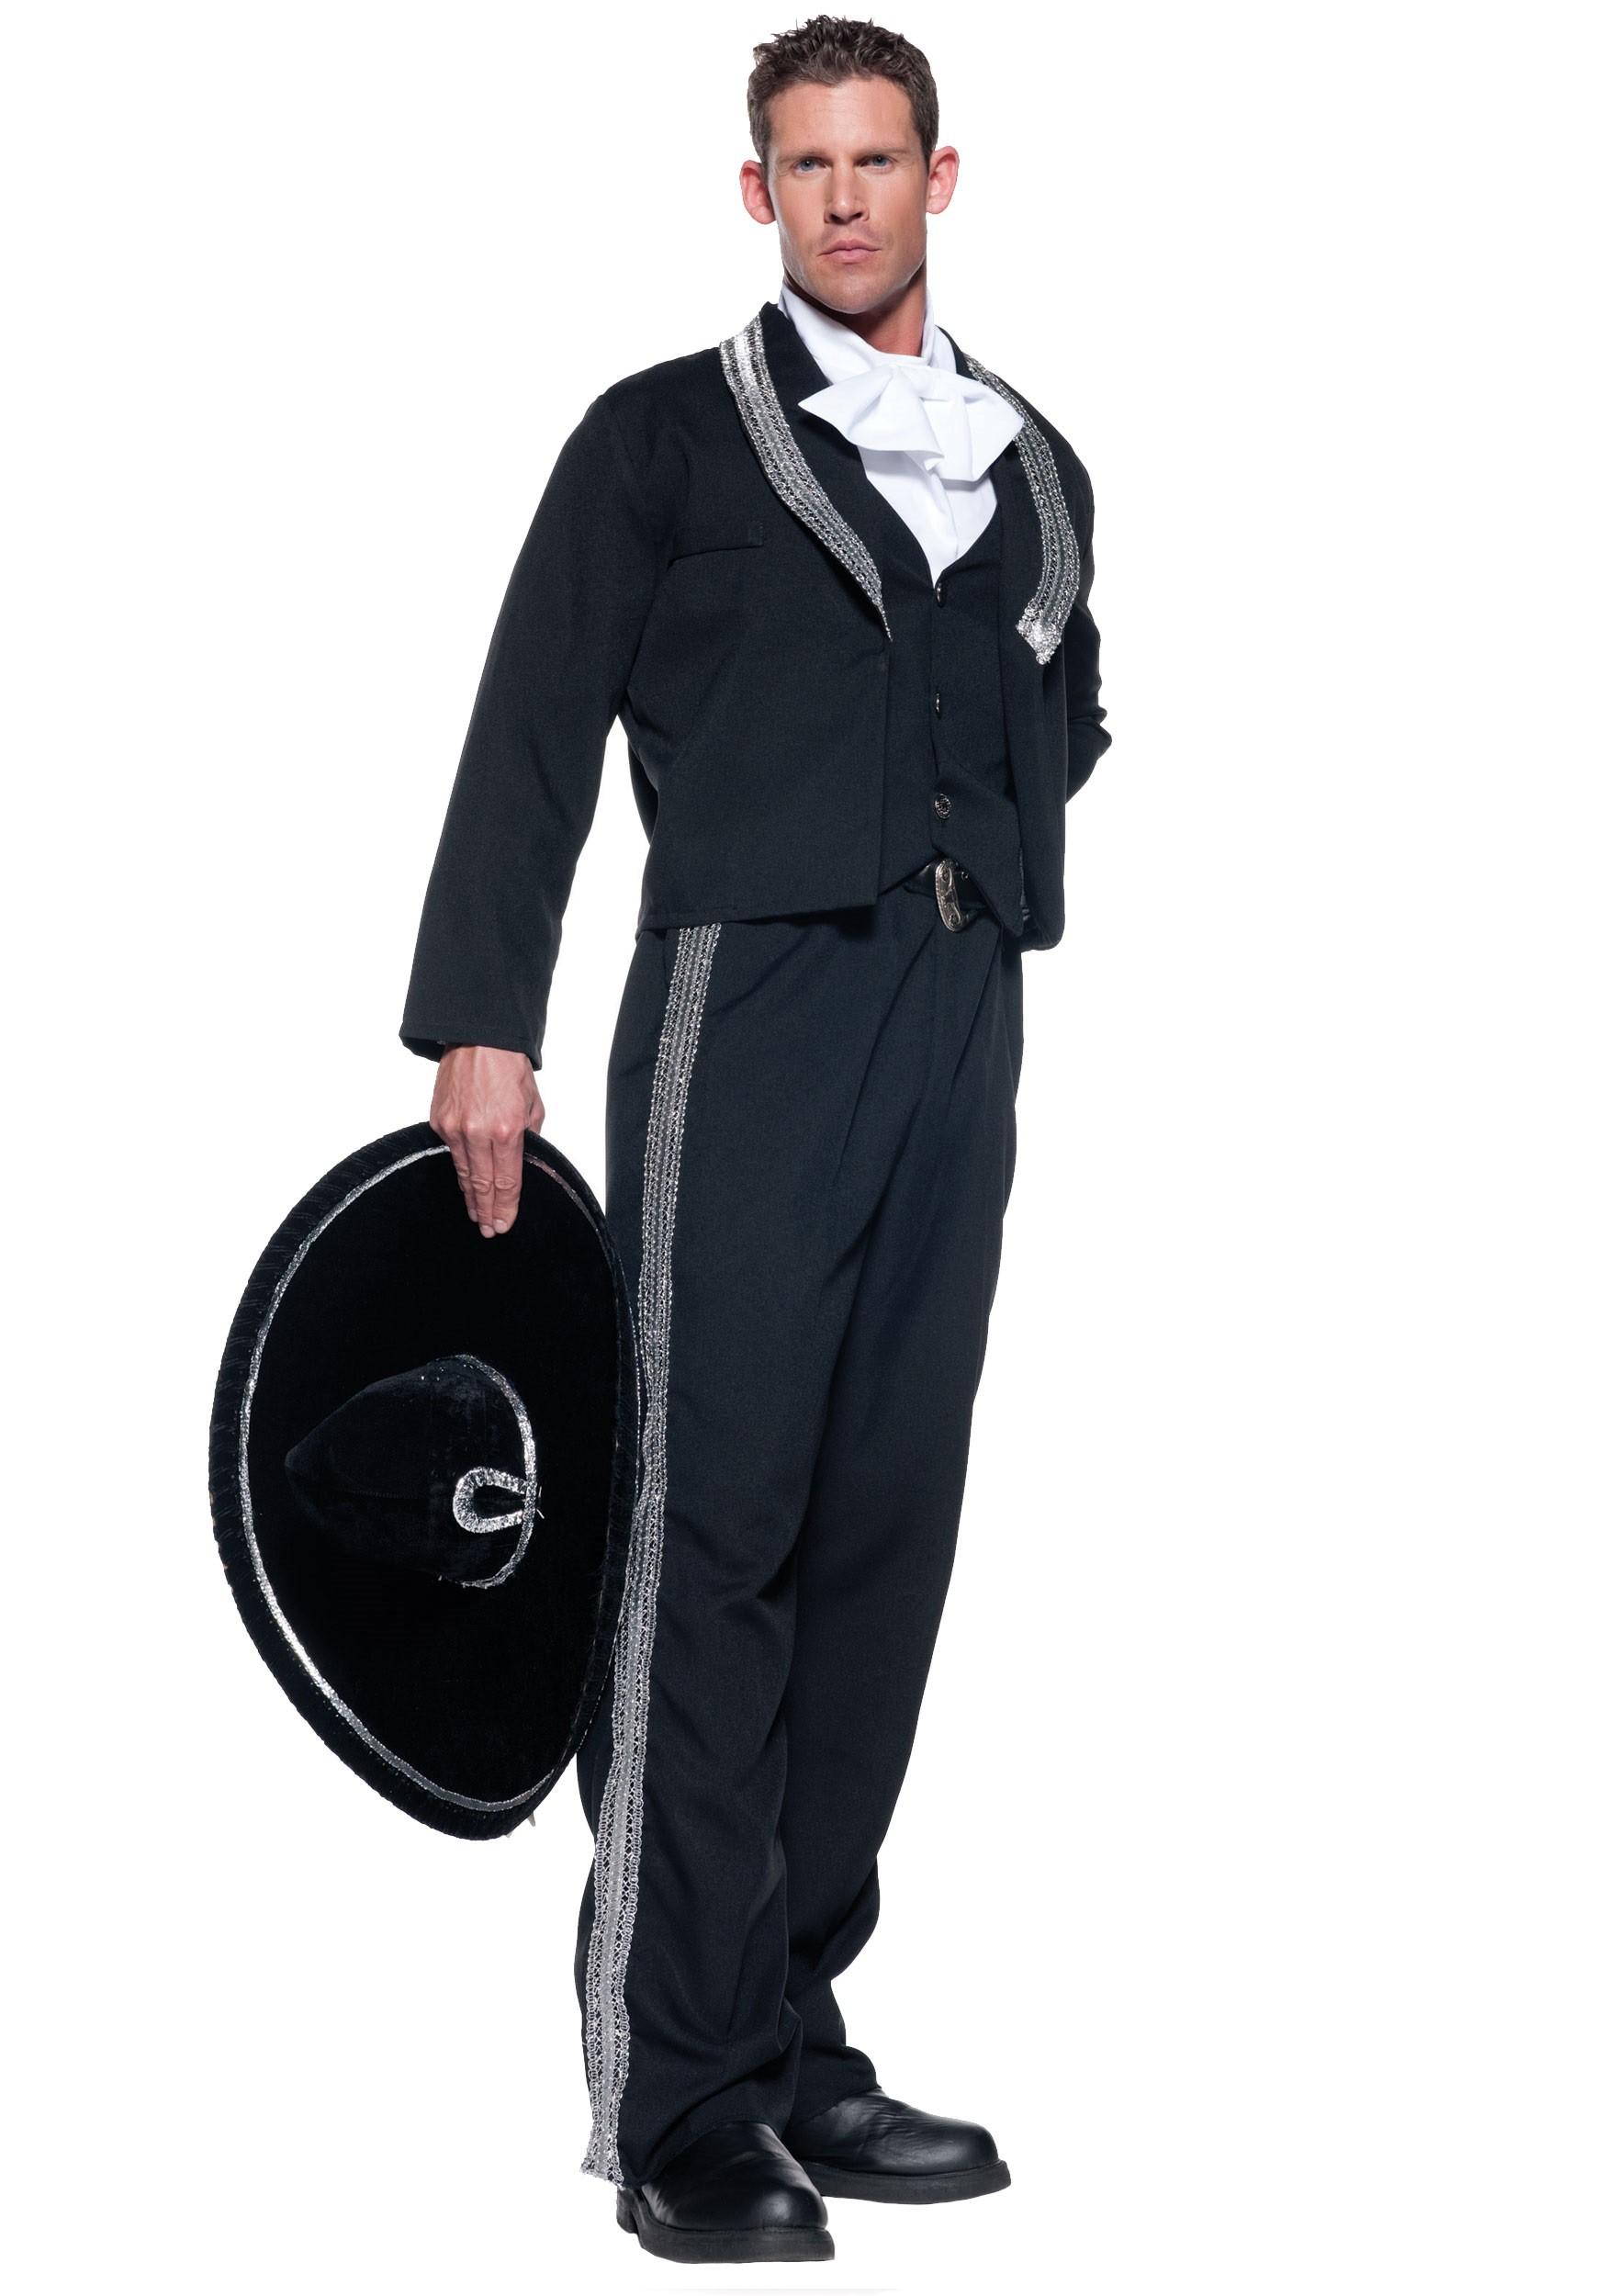 Men S Plus Size Mariachi Costume